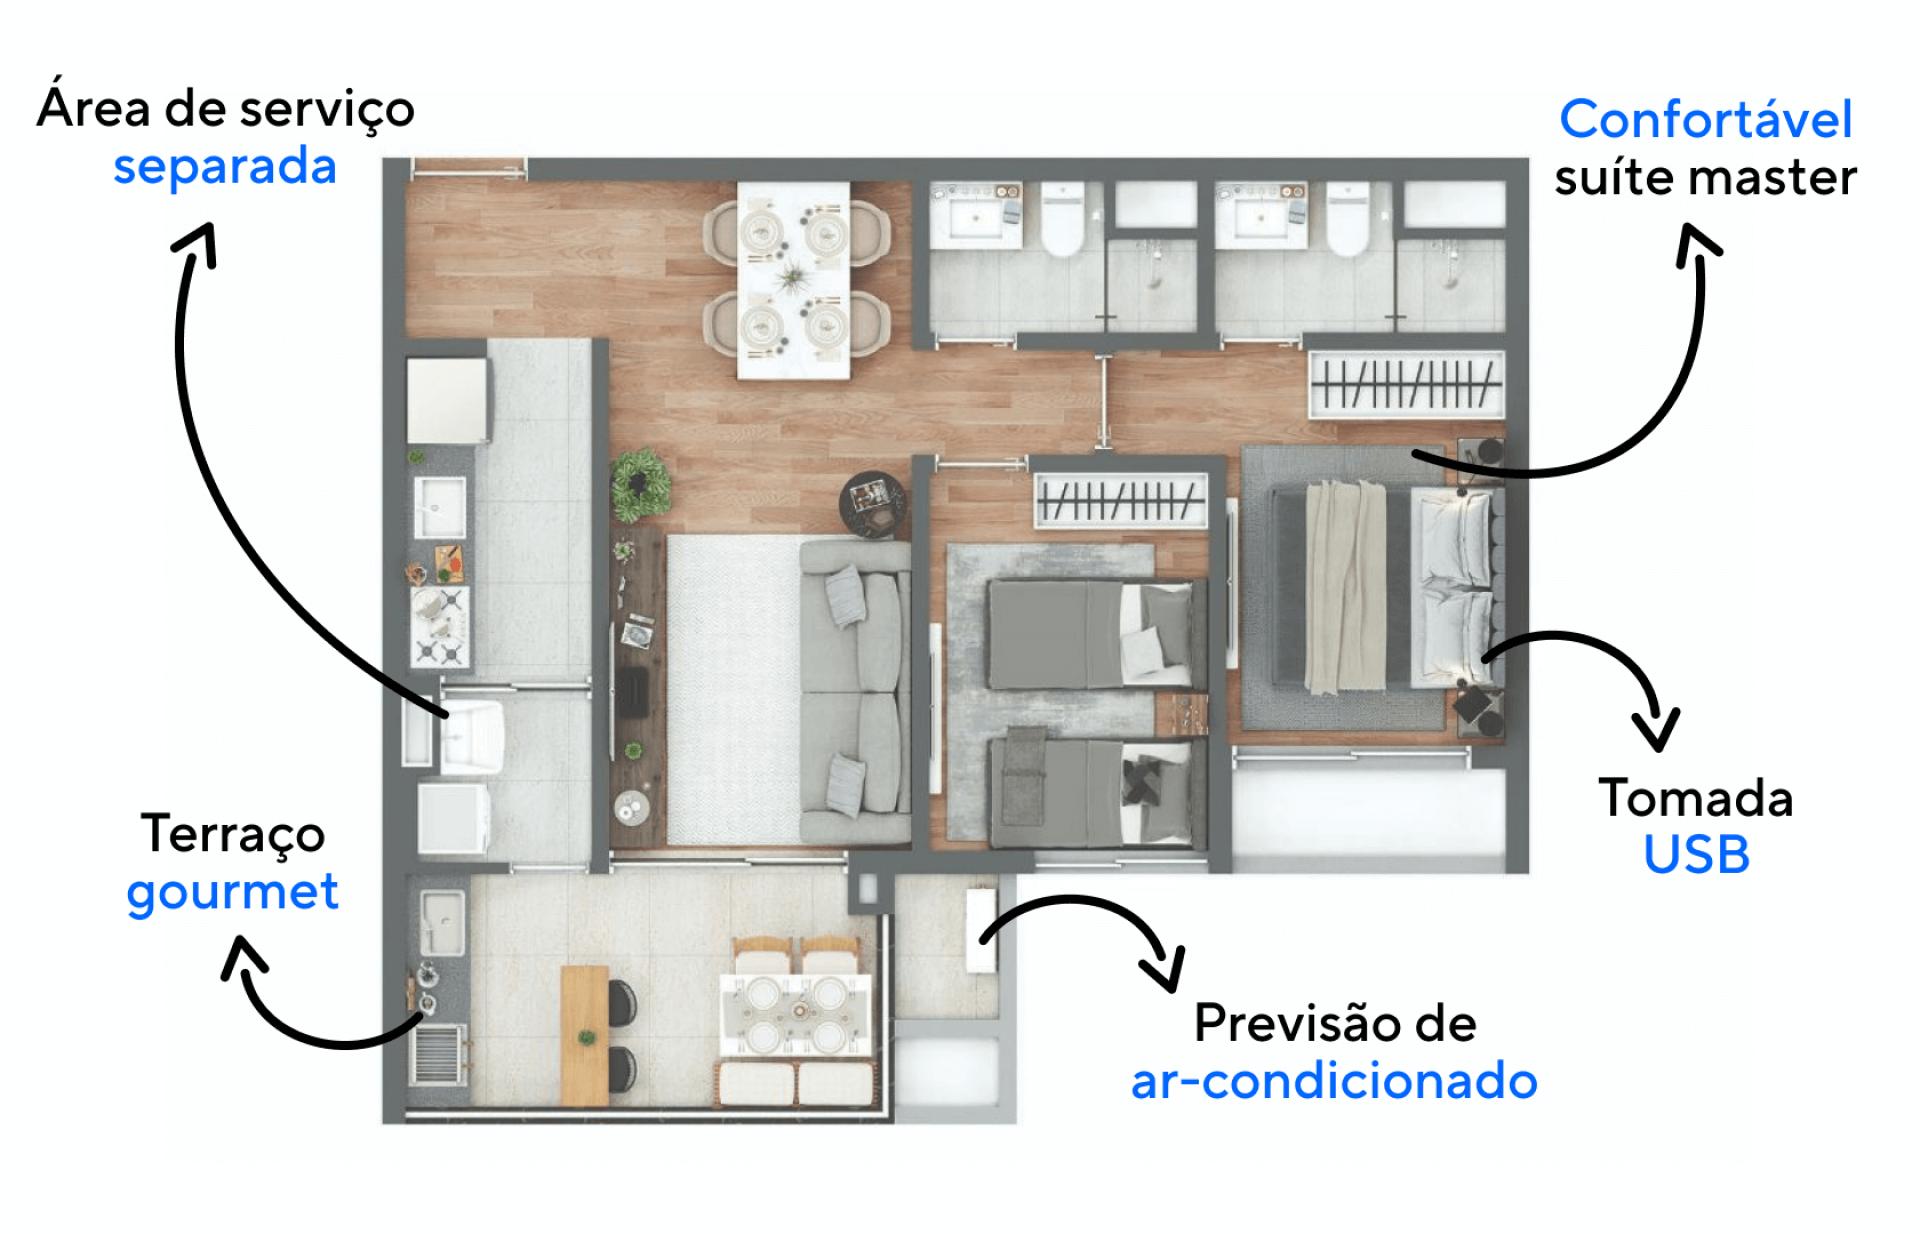 69 M² - 2 DORMITÓRIOS, SENDO 1 SUÍTE. Apartamentos com boa setorização entre os ambientes sociais e íntimos, proporcionando que os momentos de descanso do morador tenham total privacidade.